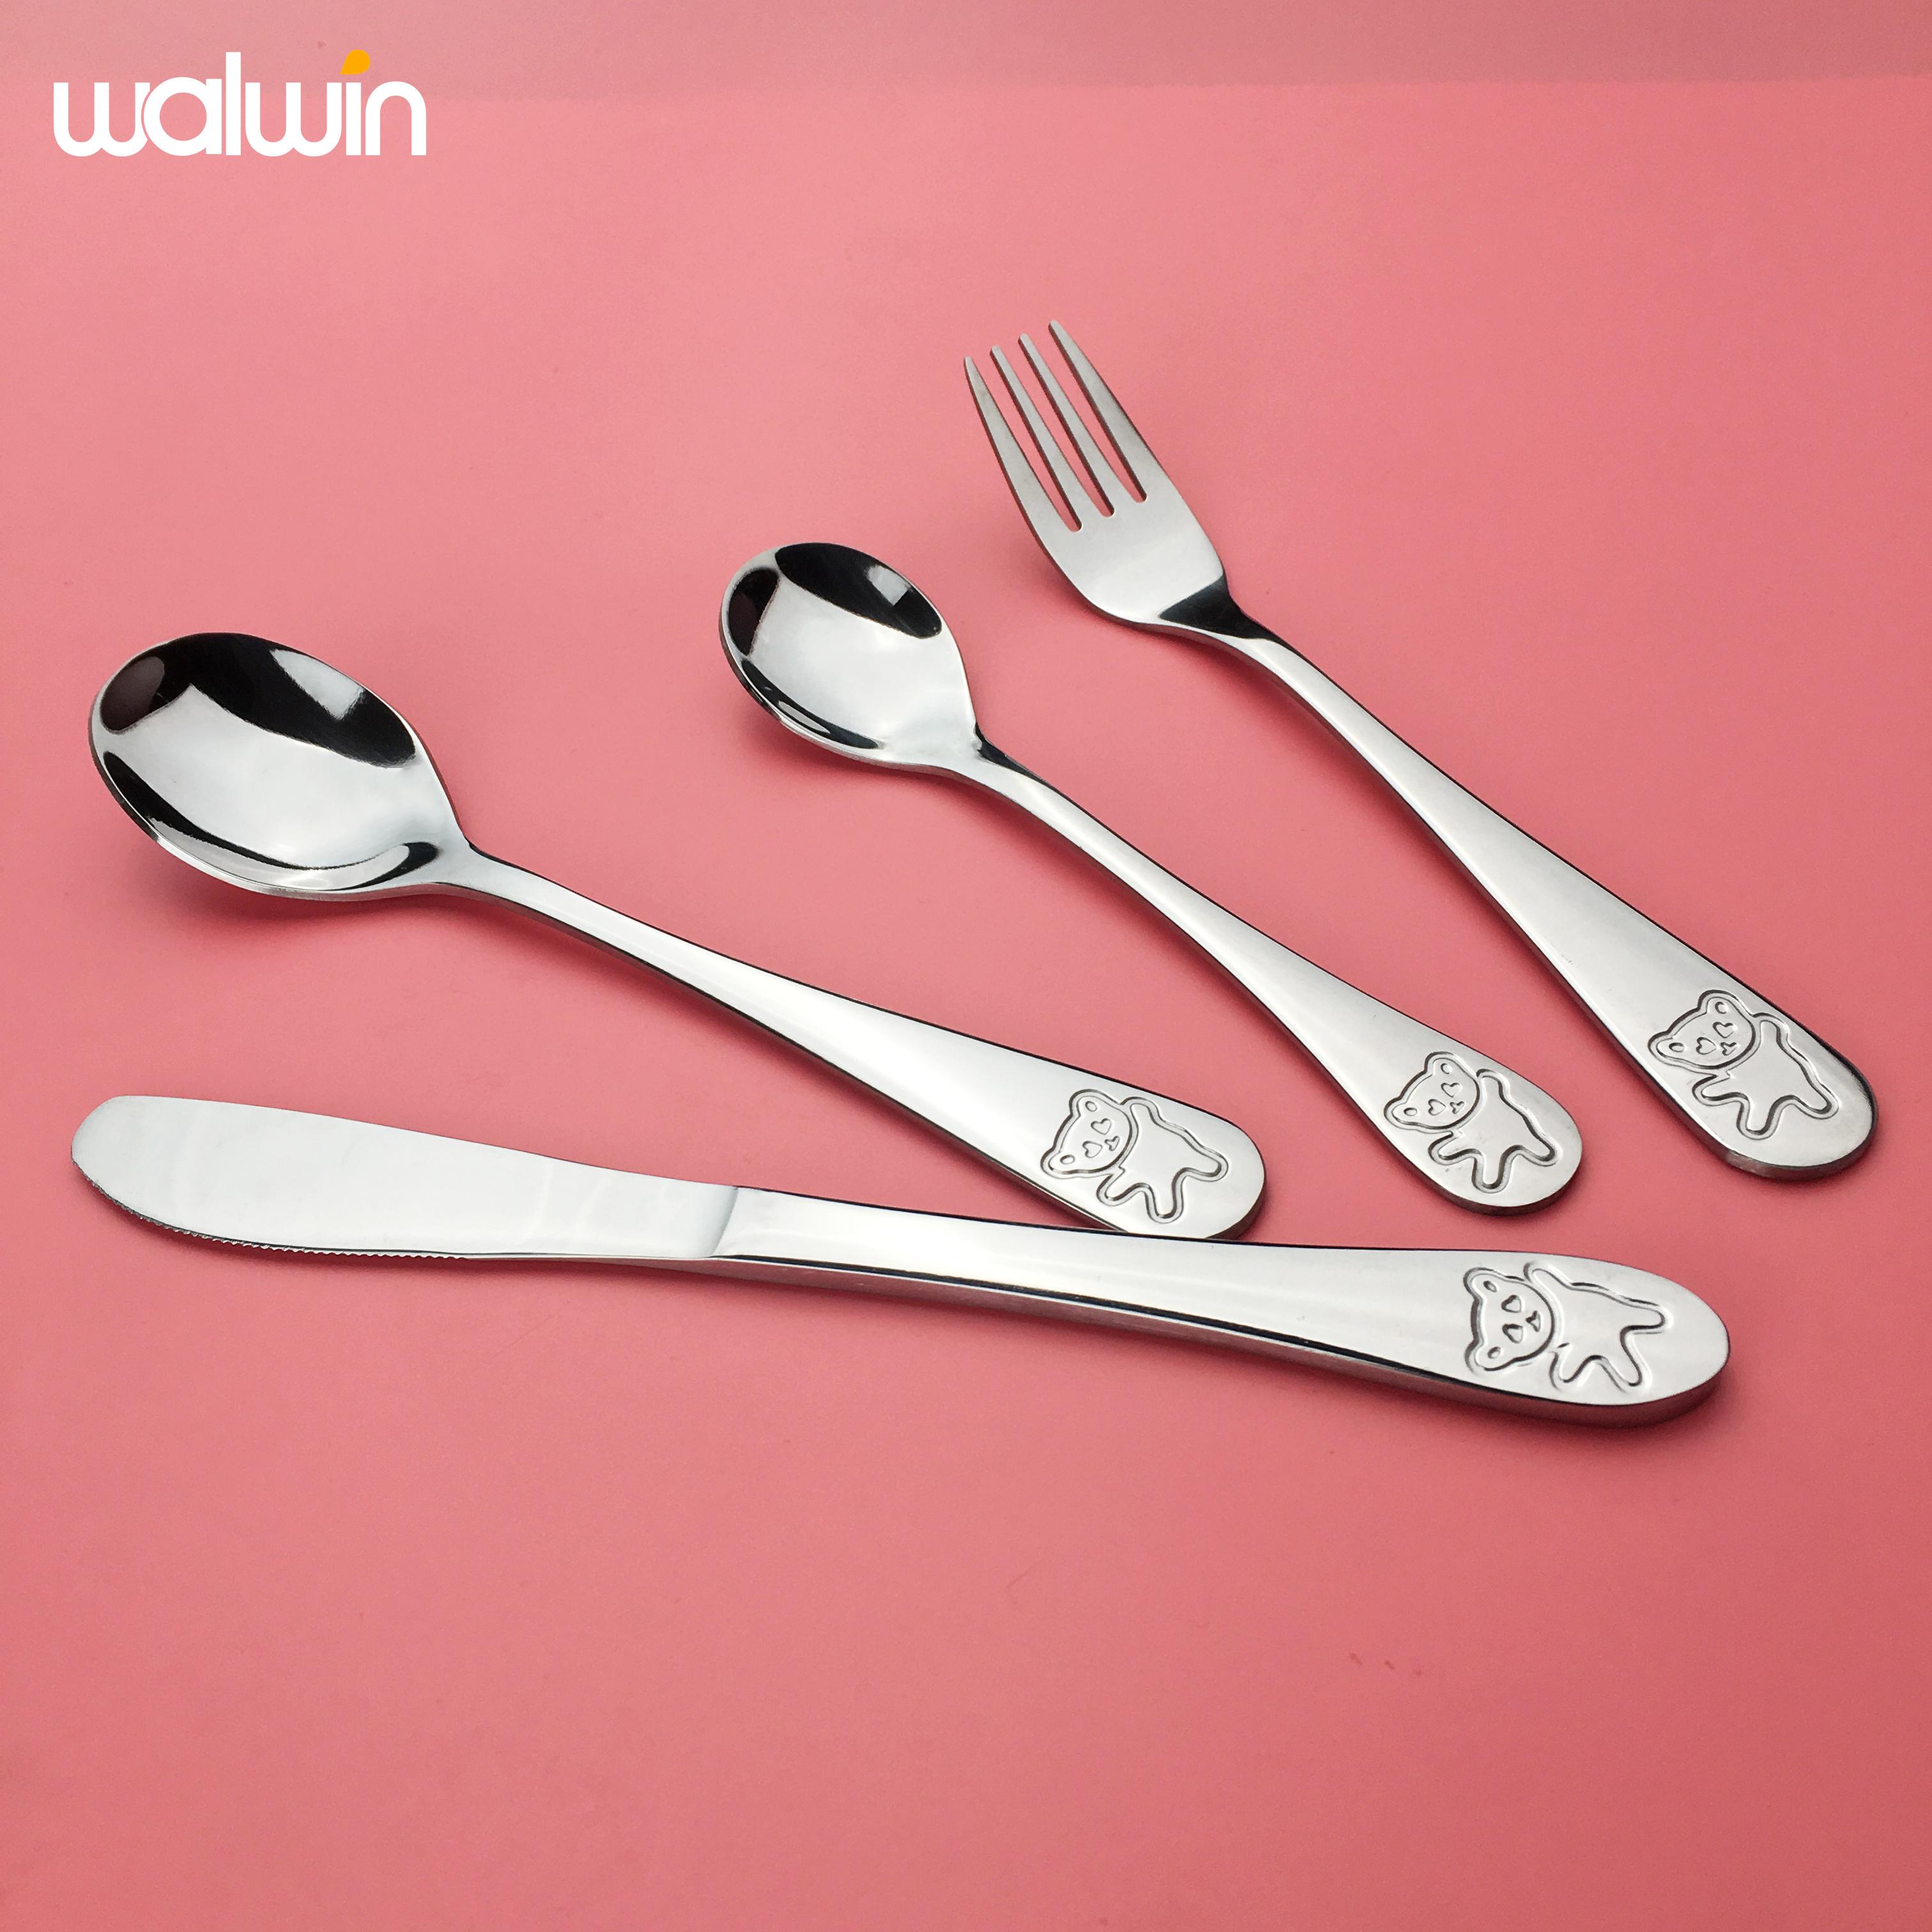 Высококачественная костная посуда леди Чайная Вечеринка керамическая десертная ложка Вилка Набор из 2 предметов